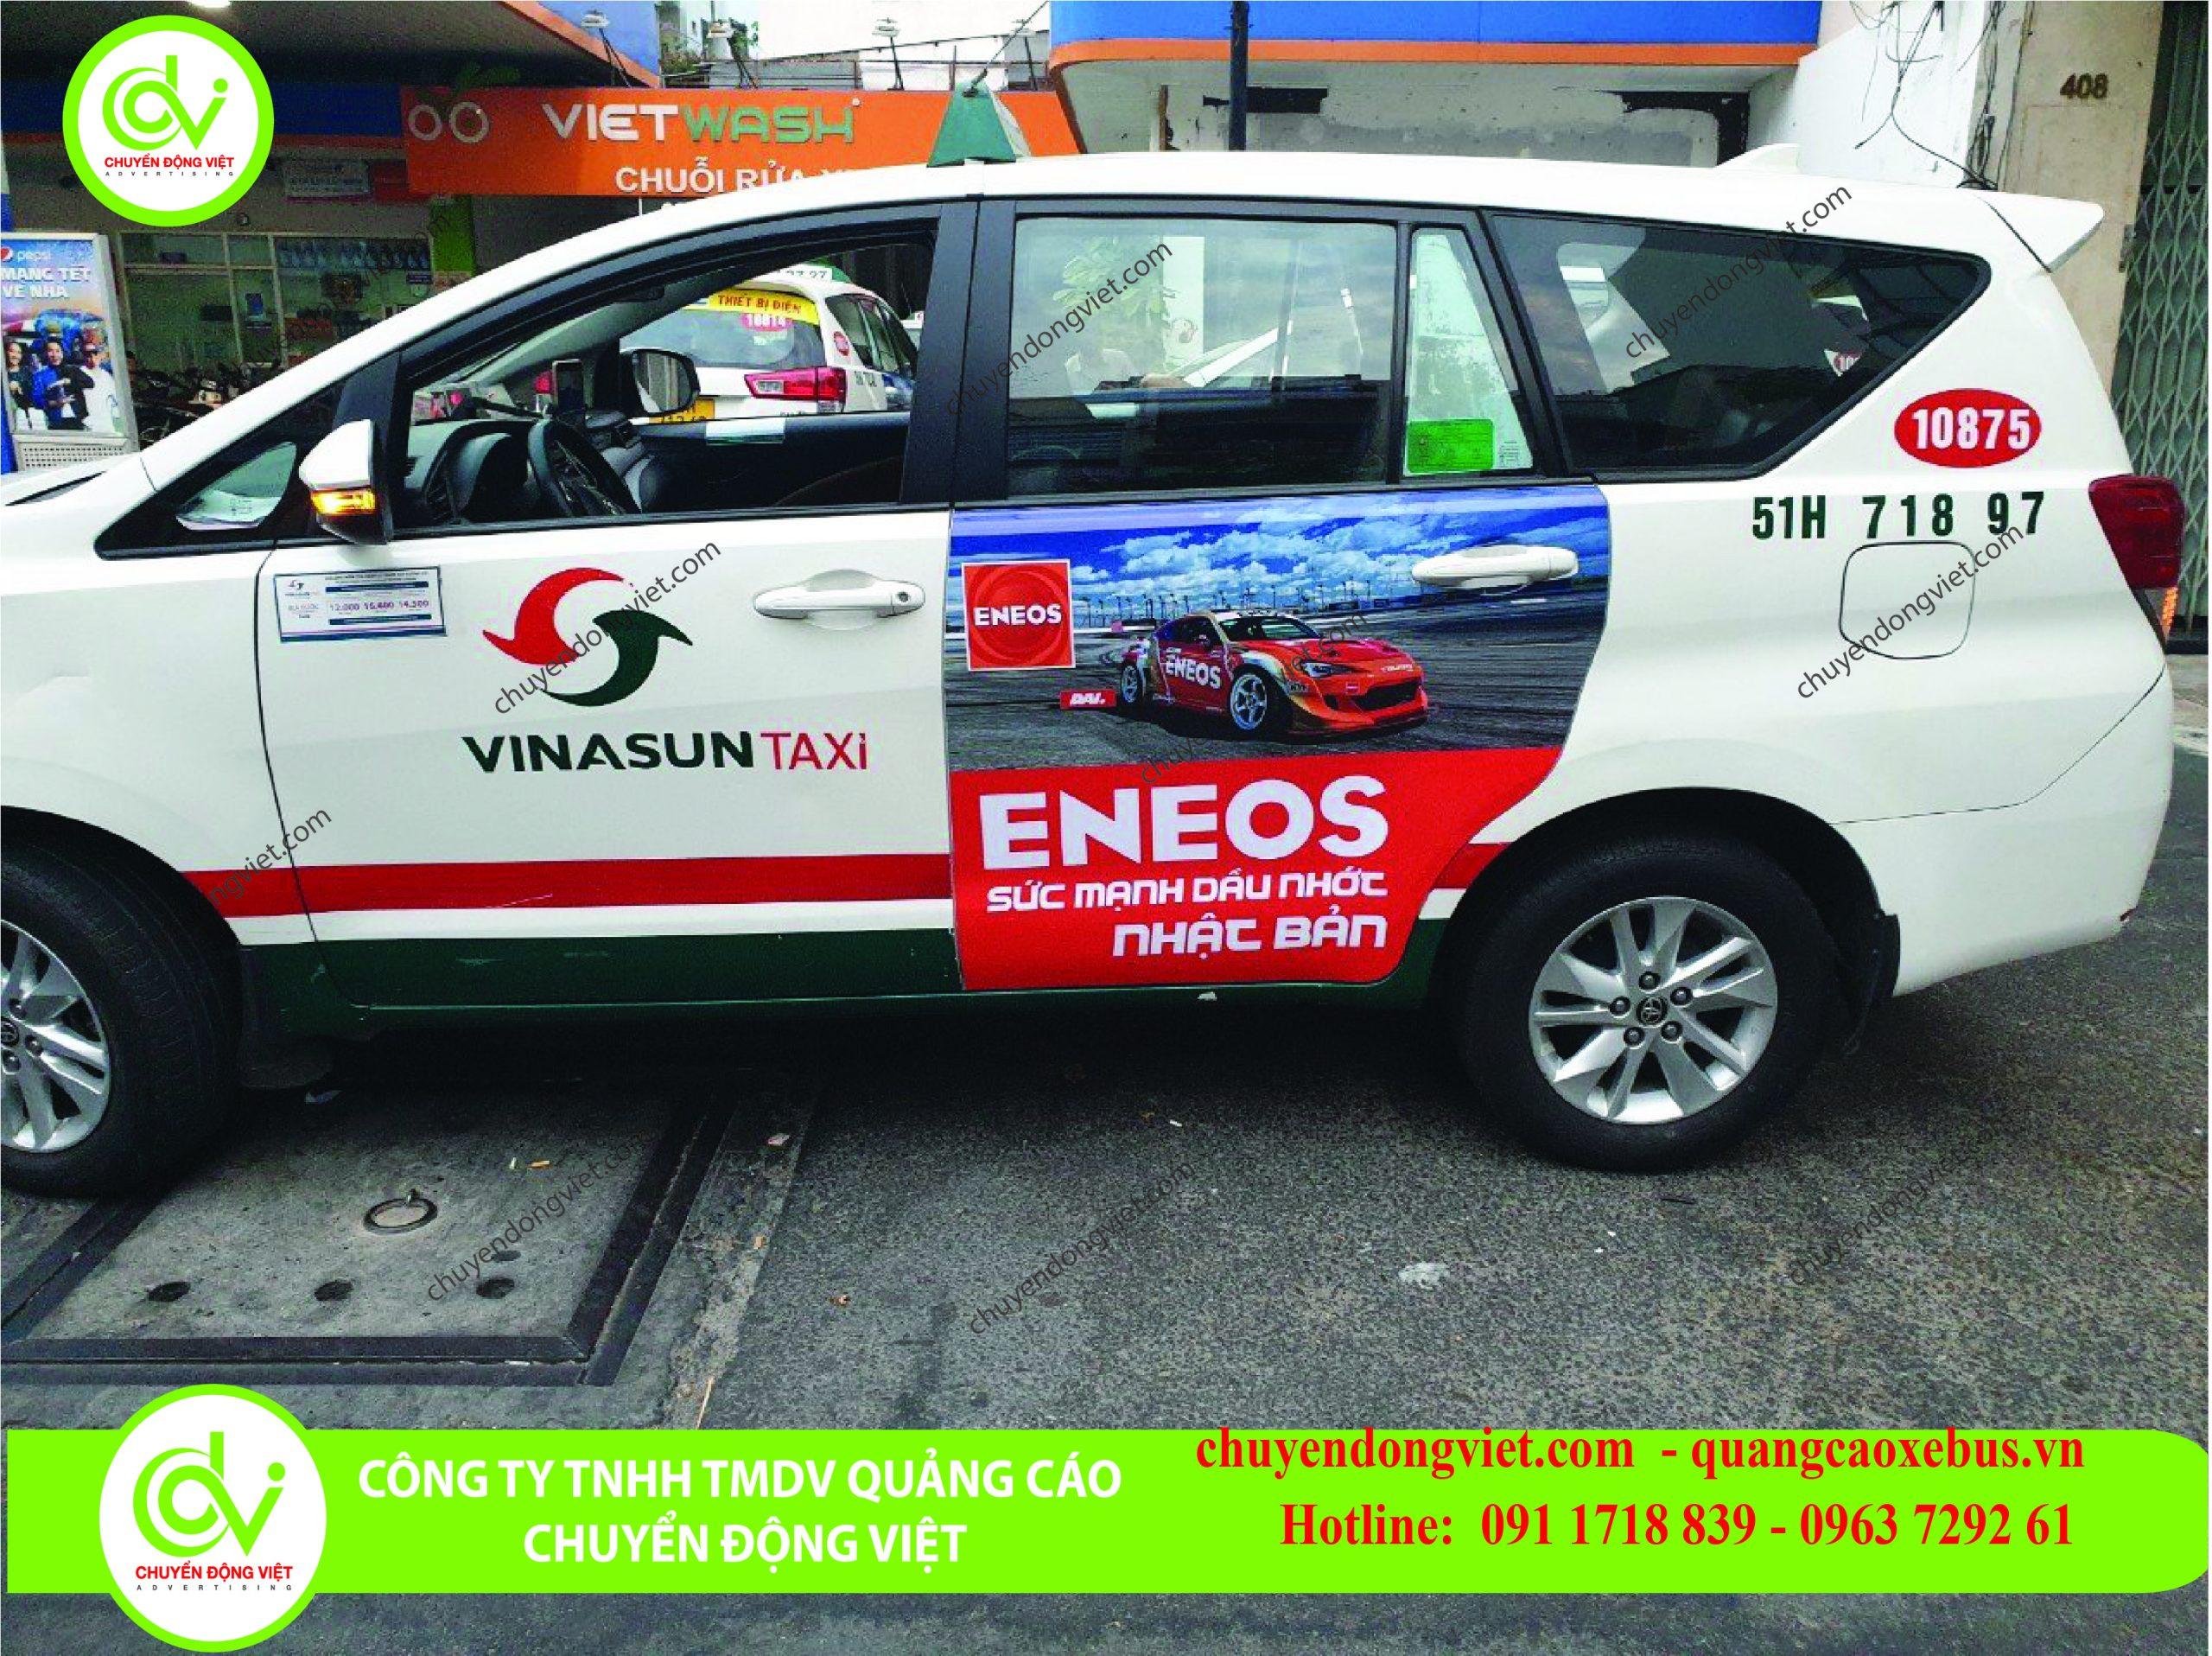 Quảng cáo trên xe taxi Vinasun Hồ Chí Minh